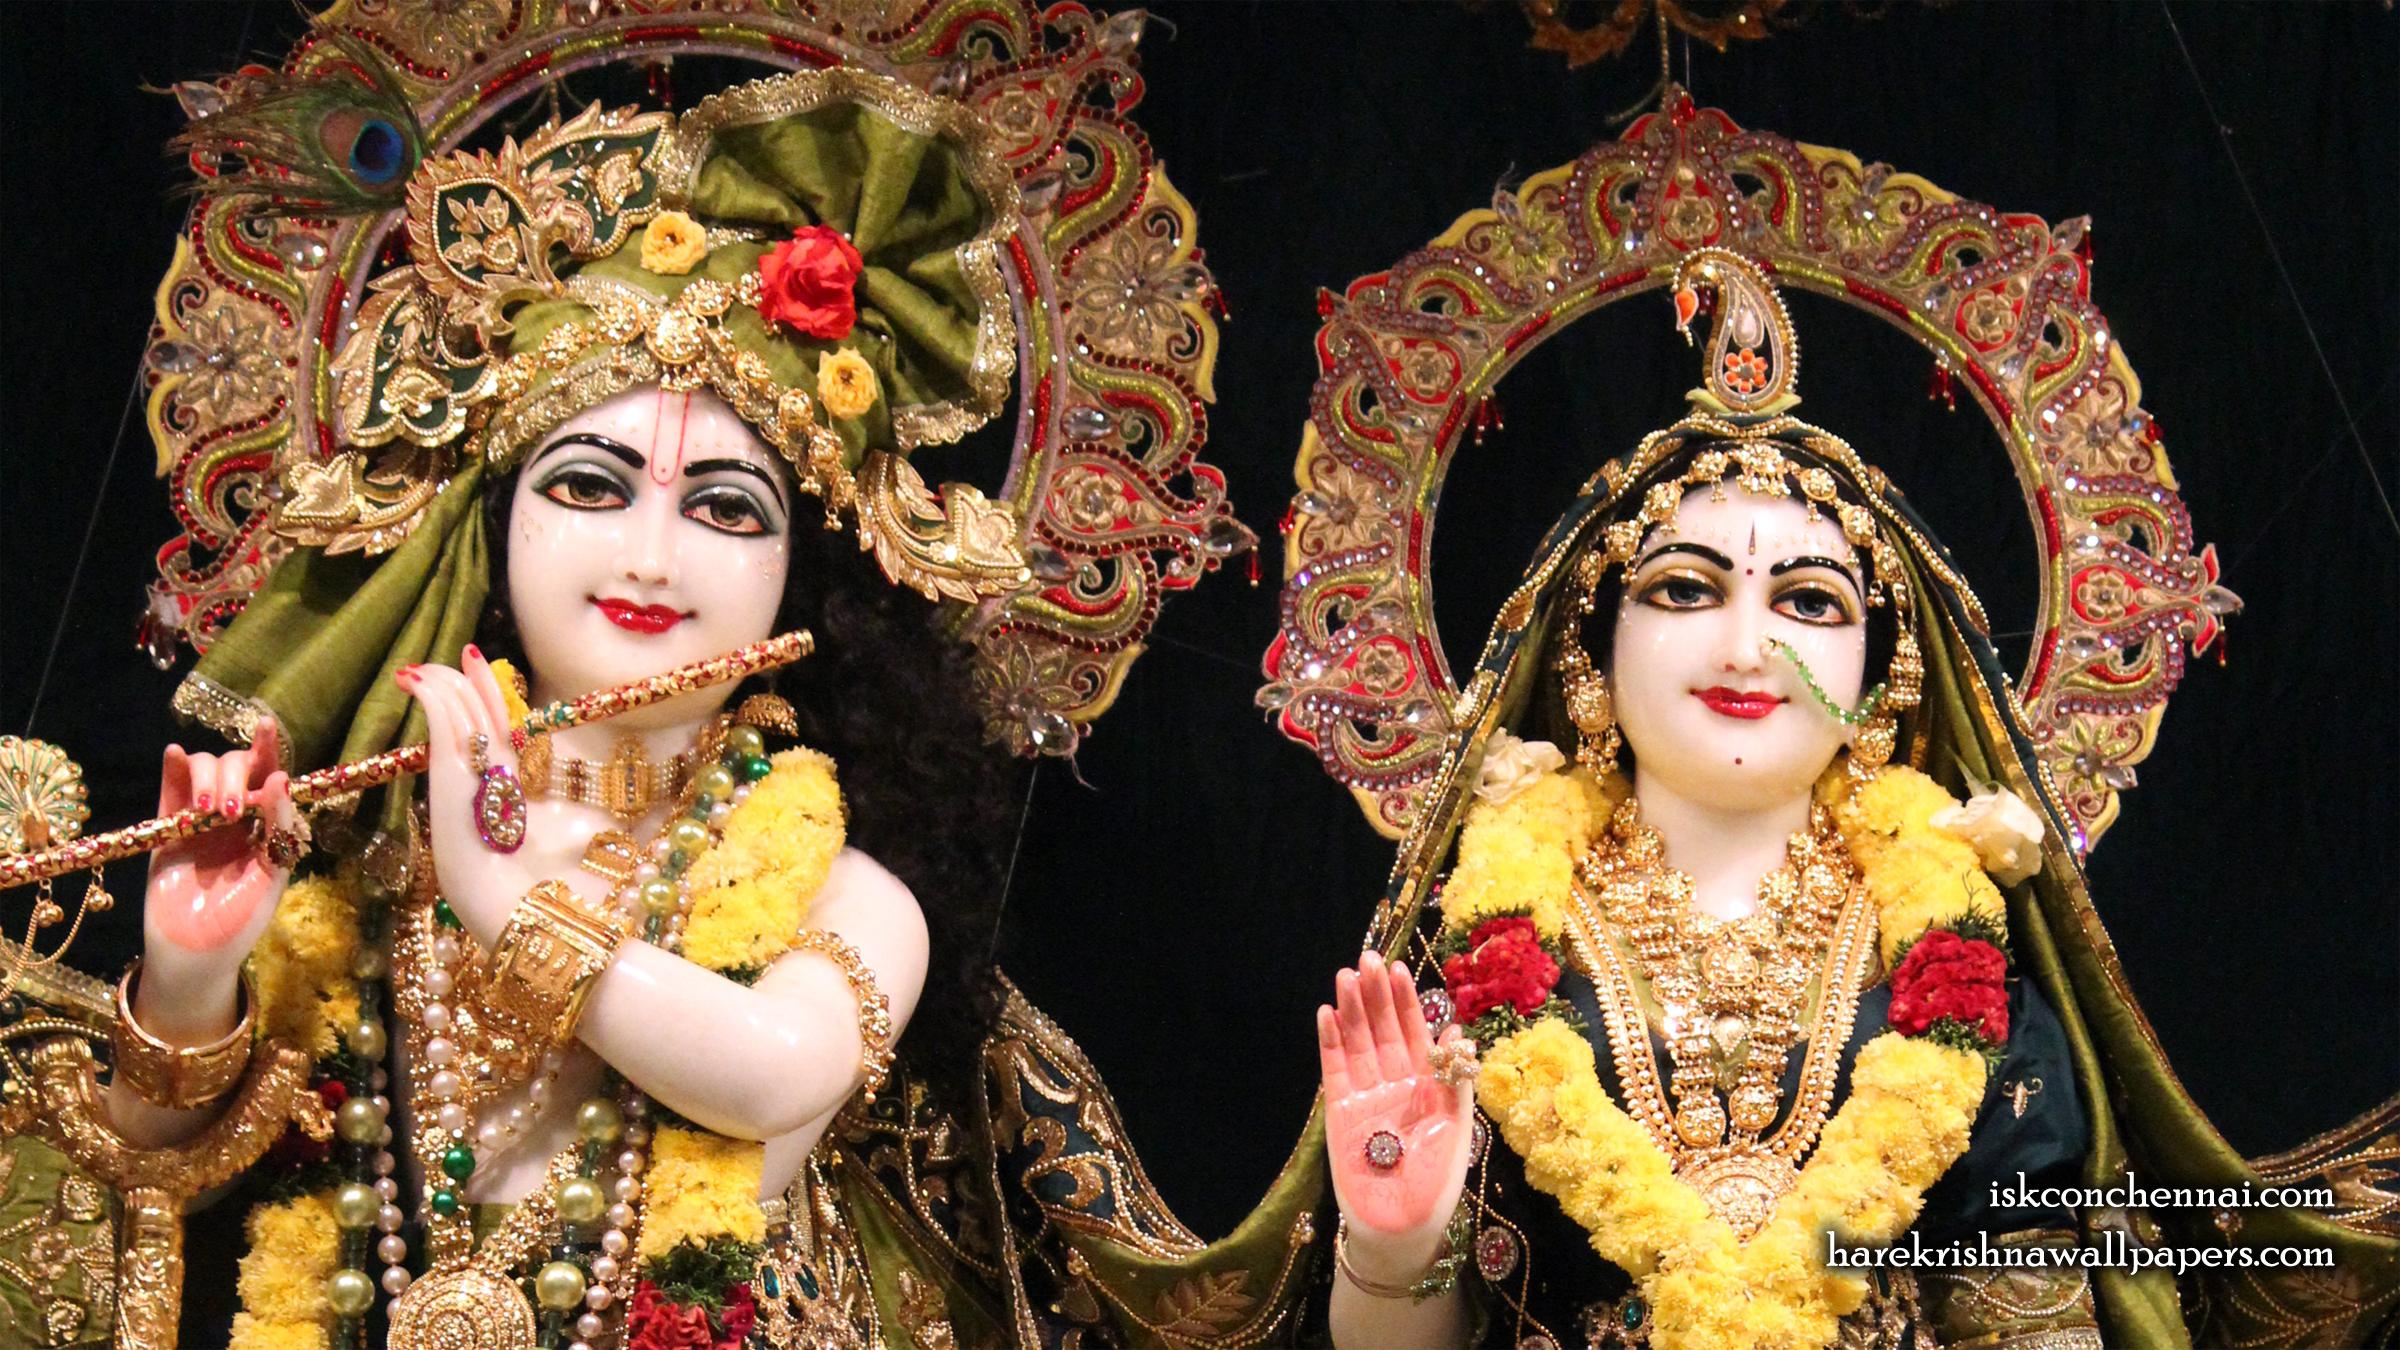 Sri Sri Radha Krishna Close up Wallpaper (017) Size 2400x1350 Download